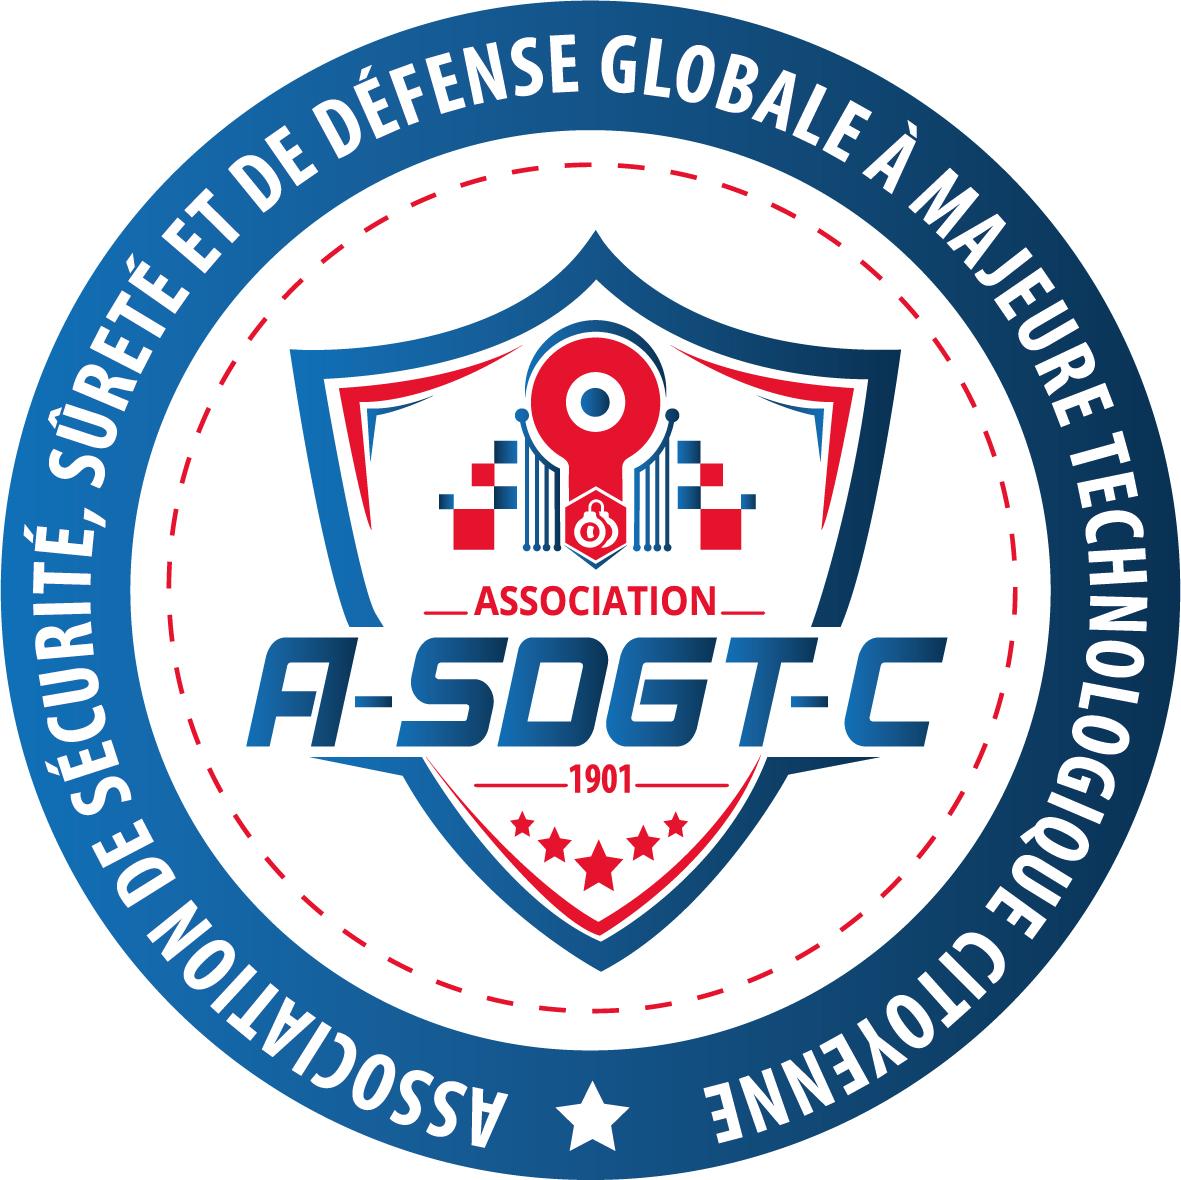 A-SDGT-C LMS Home Page